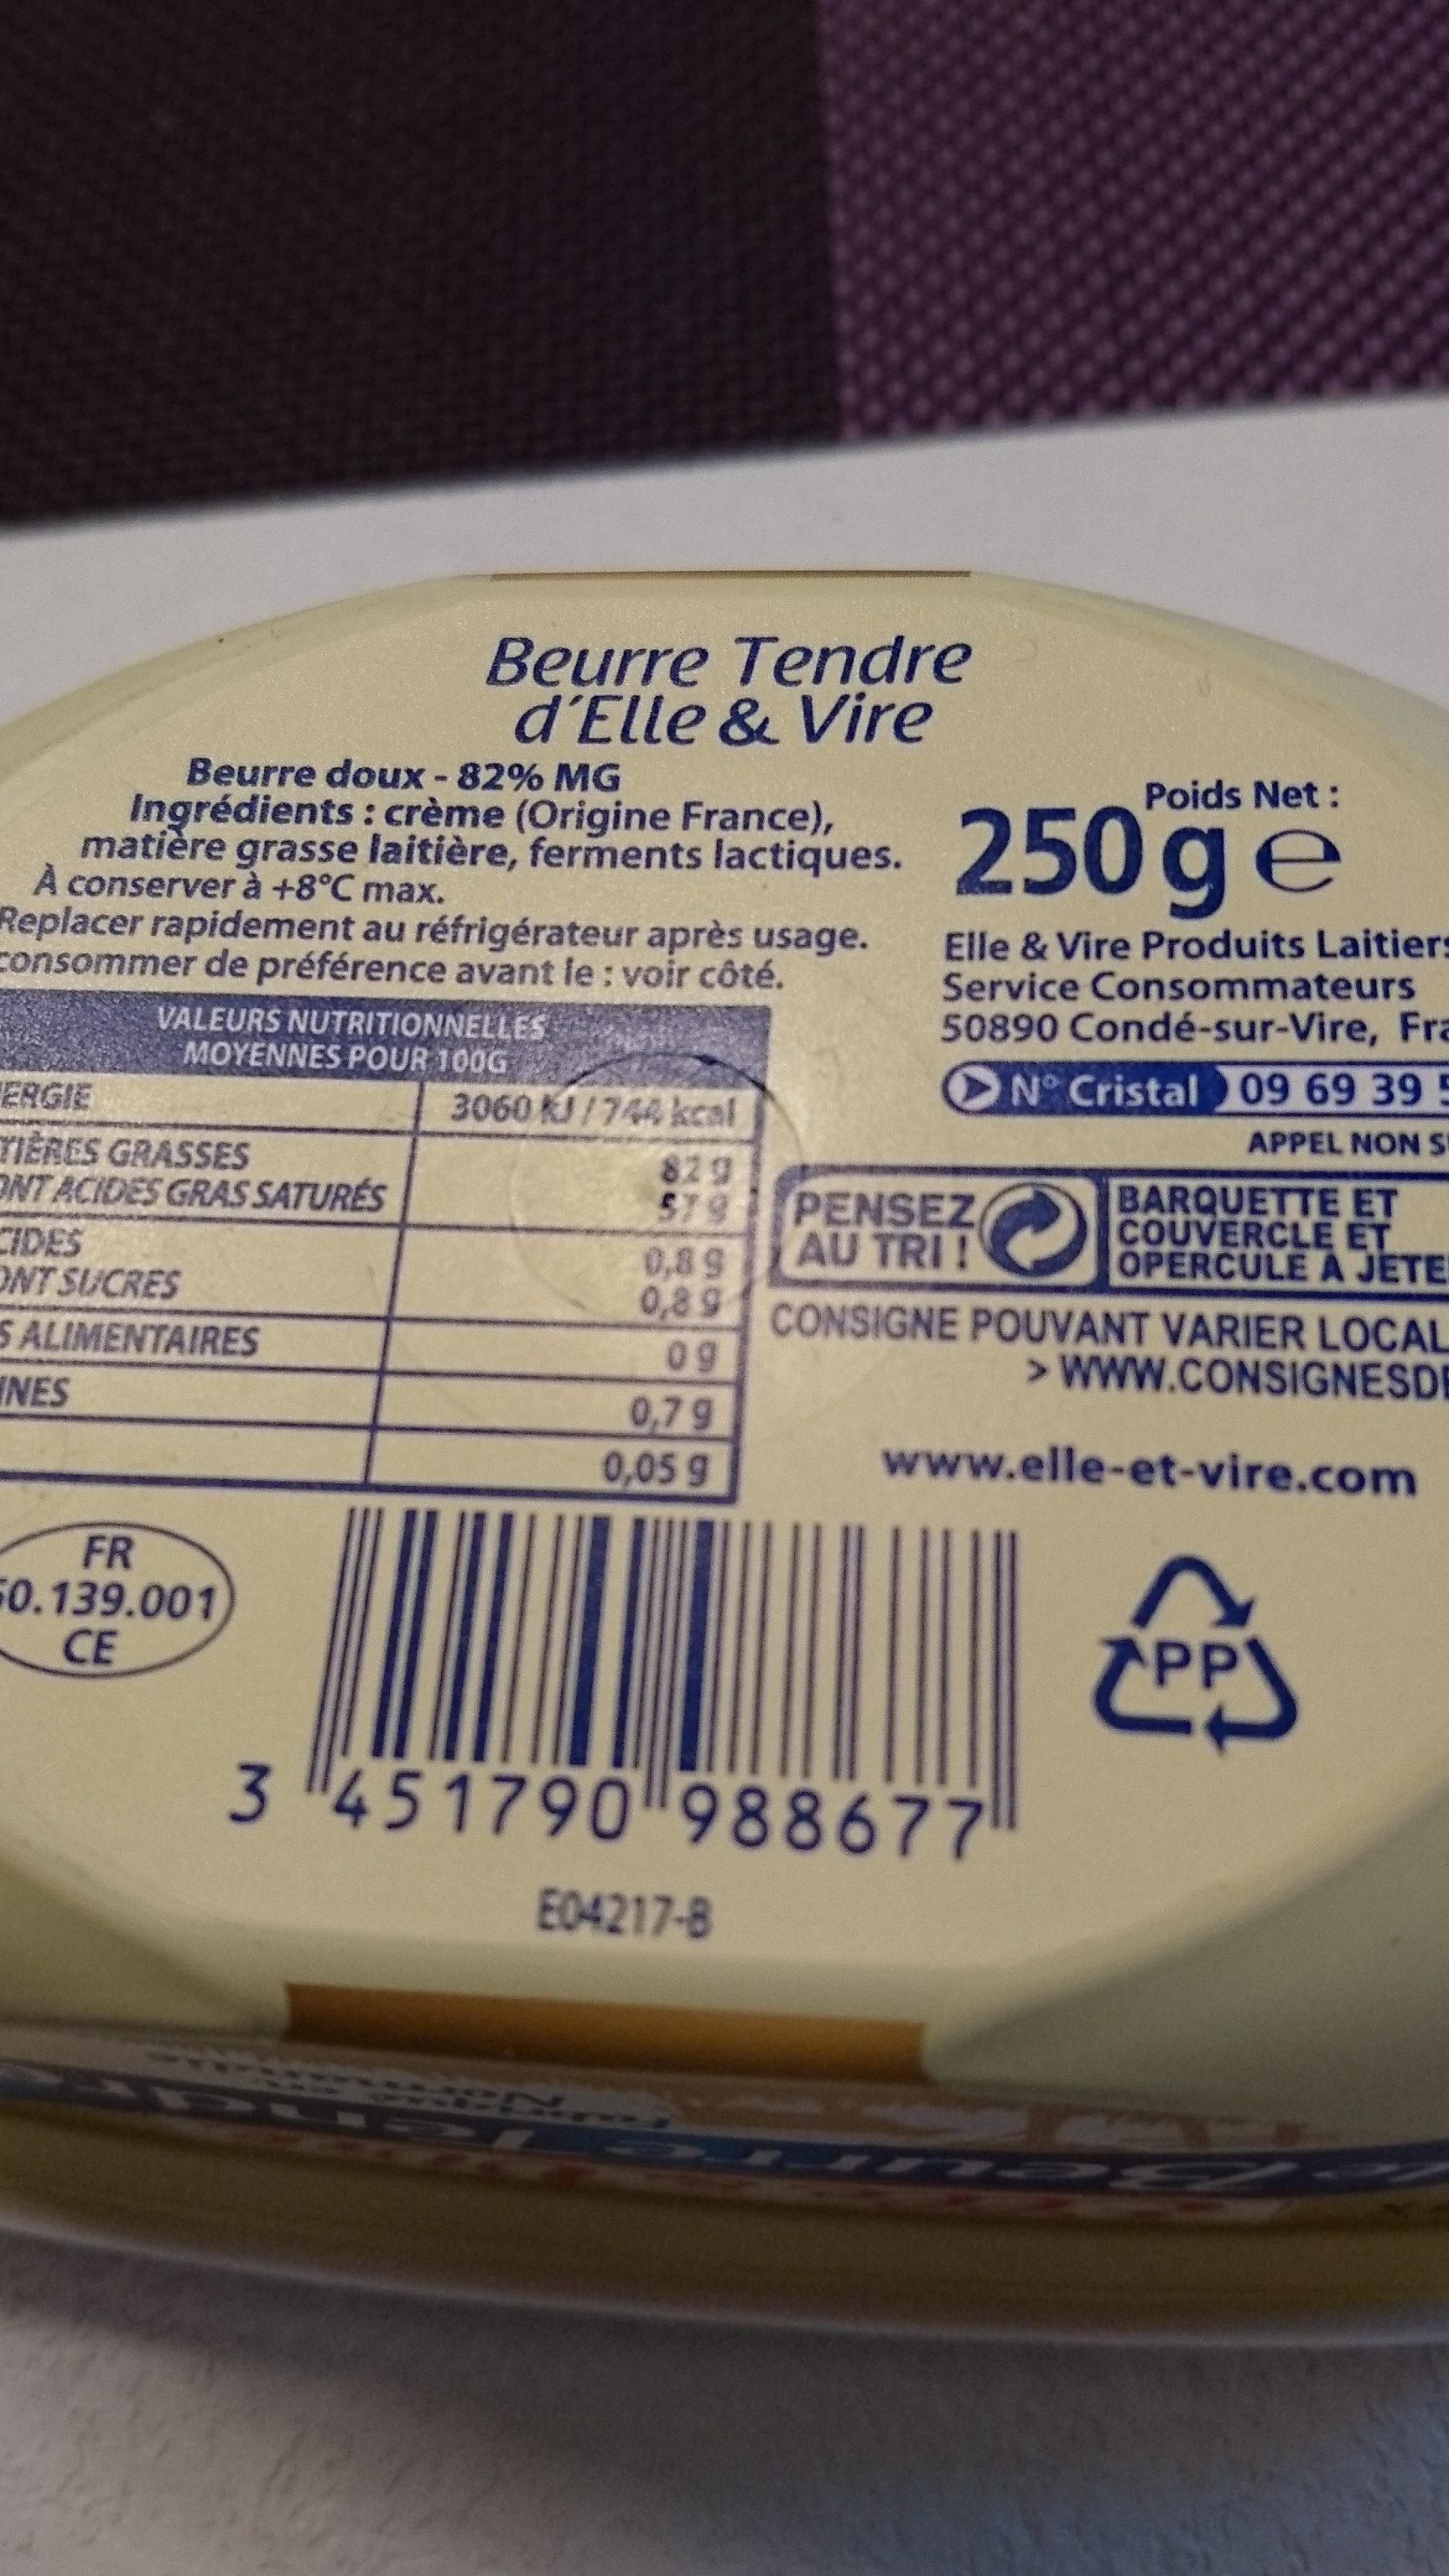 Préparation de clémentines et oranges de Corse - Nutrition facts